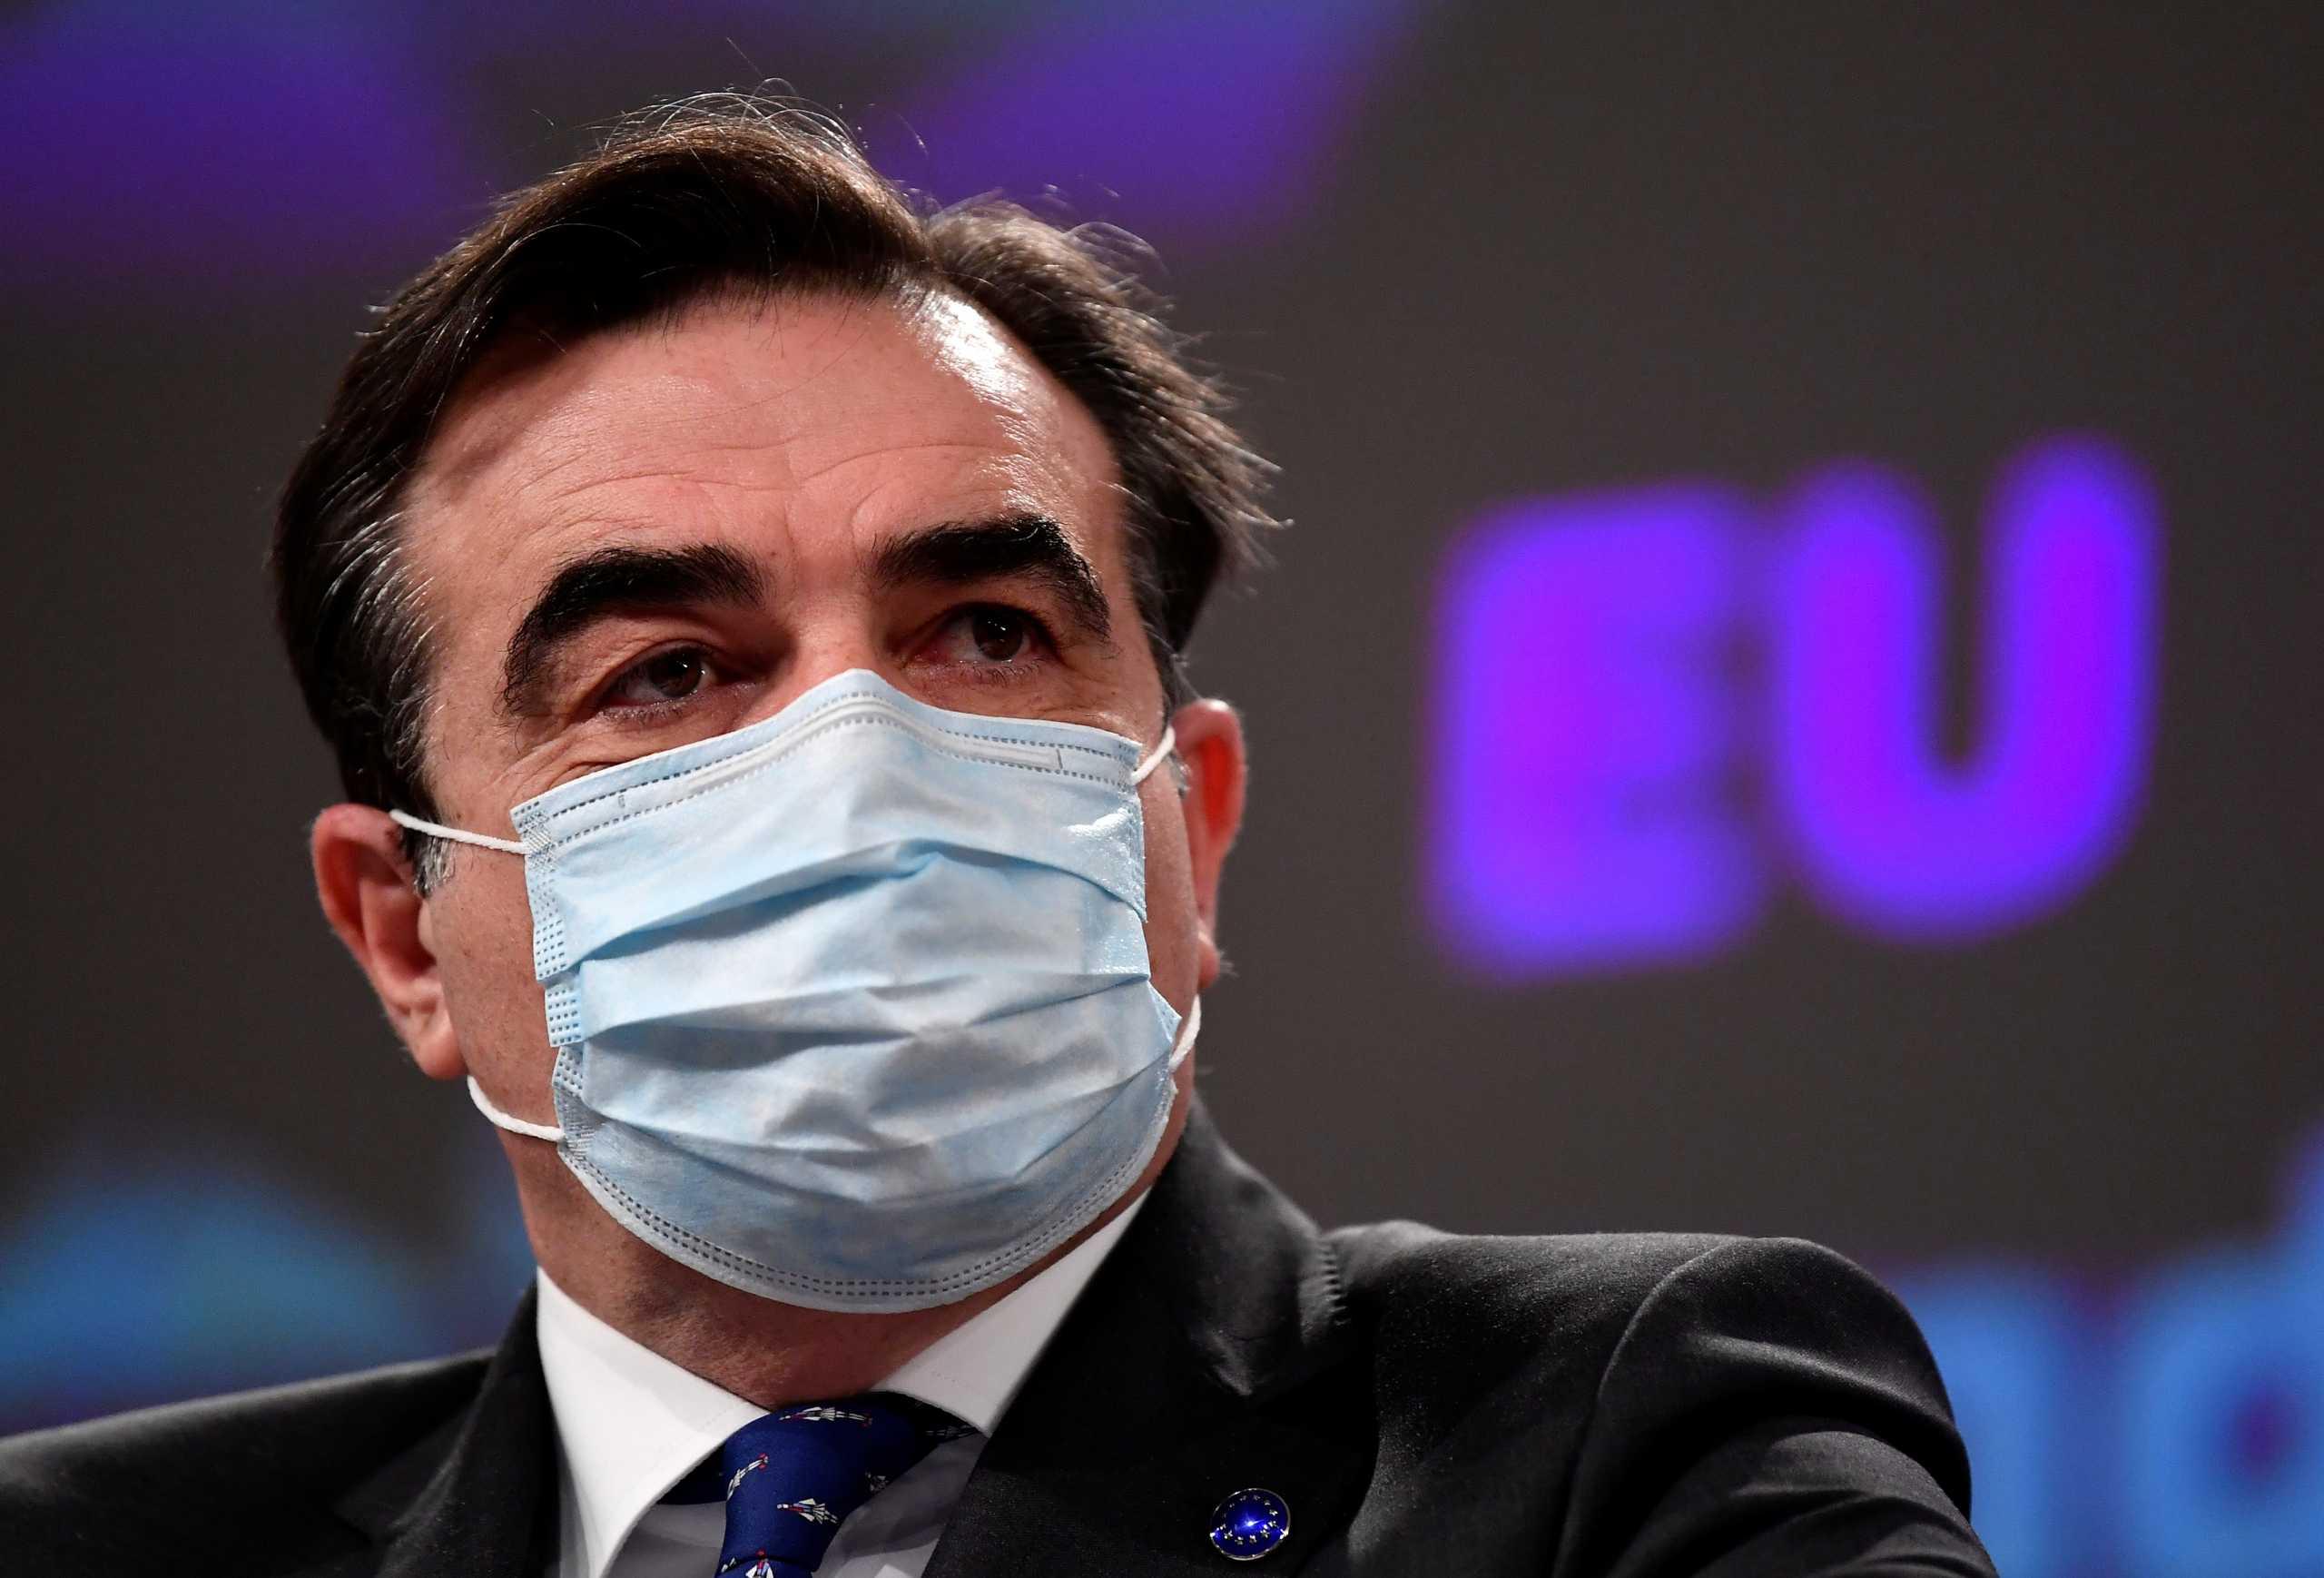 Μαργαρίτης Σχοινάς: Η Ελλάδα θα πάρει τις πρώτες προκαταβολές από το Ταμείο Ανάκαμψης το καλοκαίρι